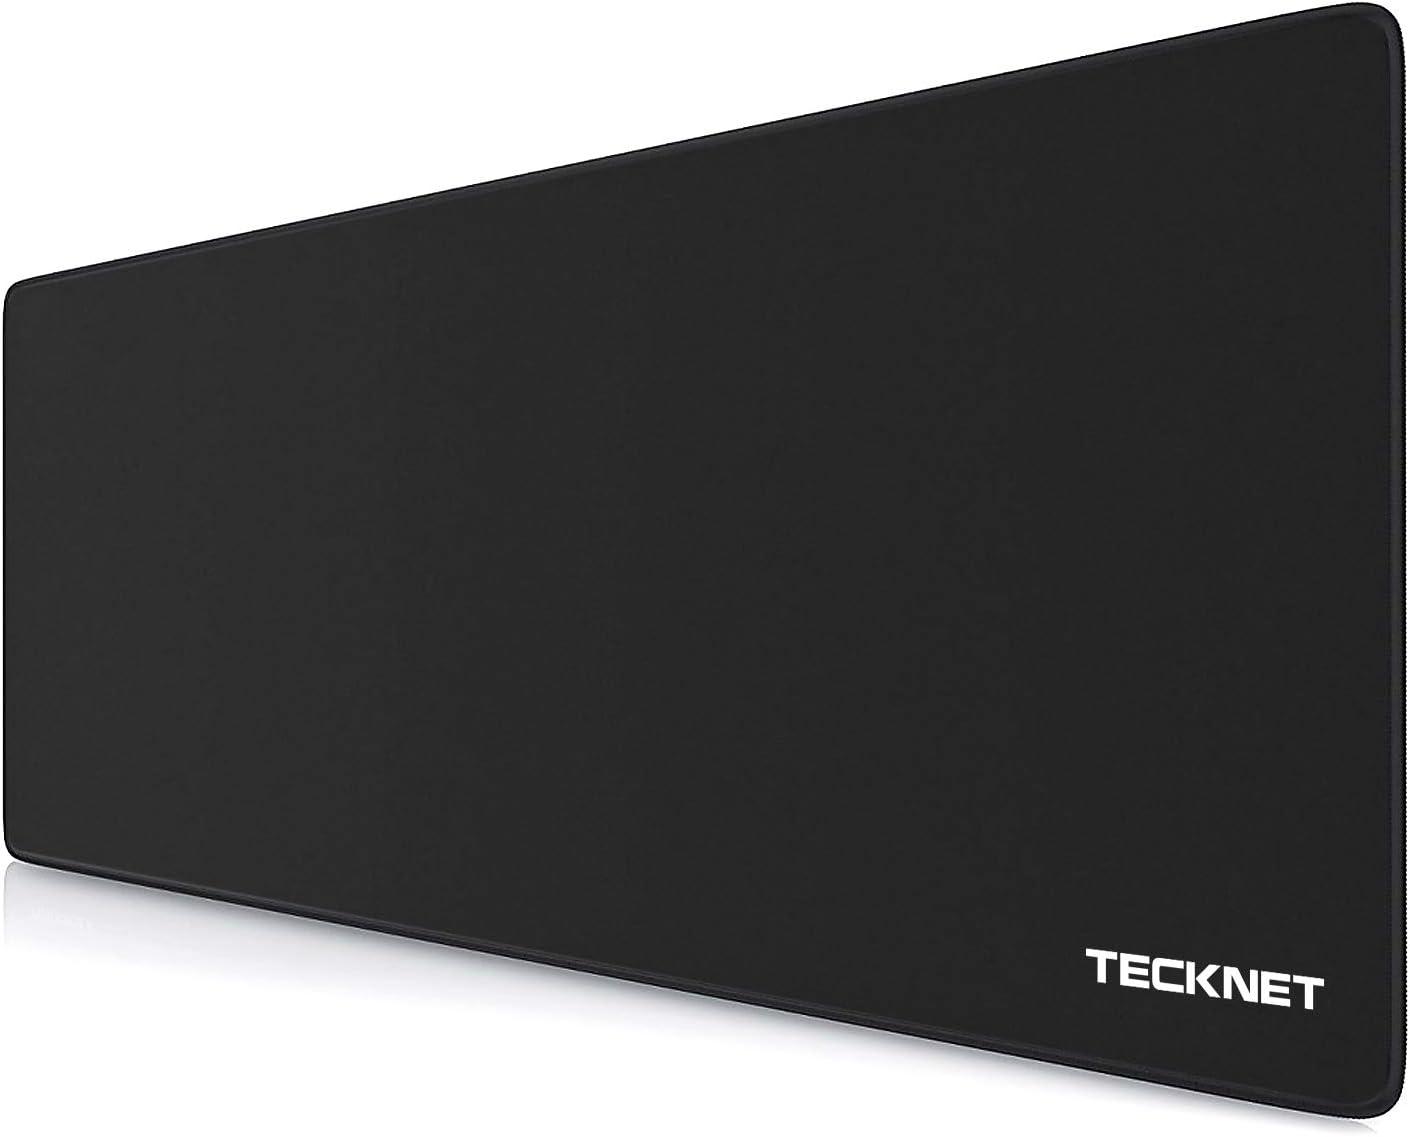 TECKNET Alfombrilla de Ratón - Gaming Mousepad 900x400x3mm, Base de Goma Antideslizante, Superfície con Textura Especial, Compatible con ratón láser y óptico